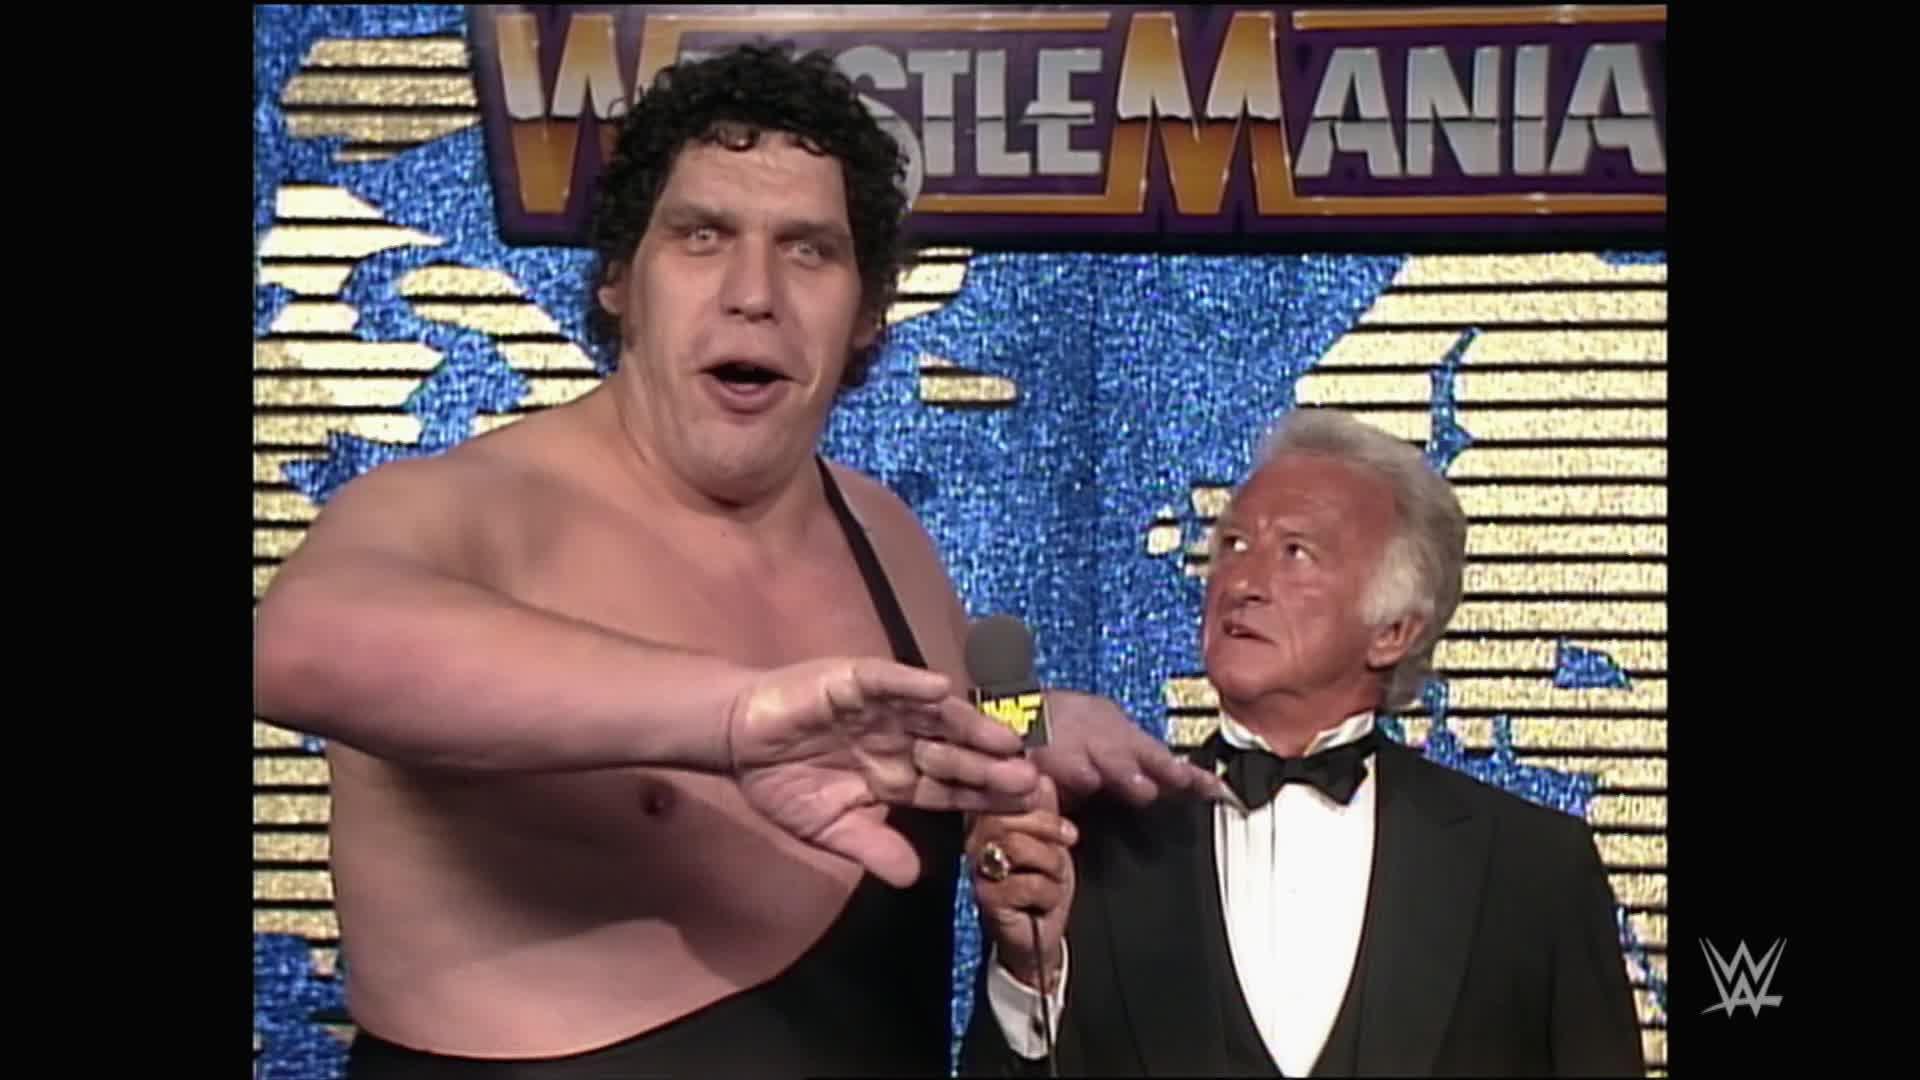 Le sens d'l'humour de Bob Uecker lui vaut des problèmes avec Andre the Giant: WrestleMania IV